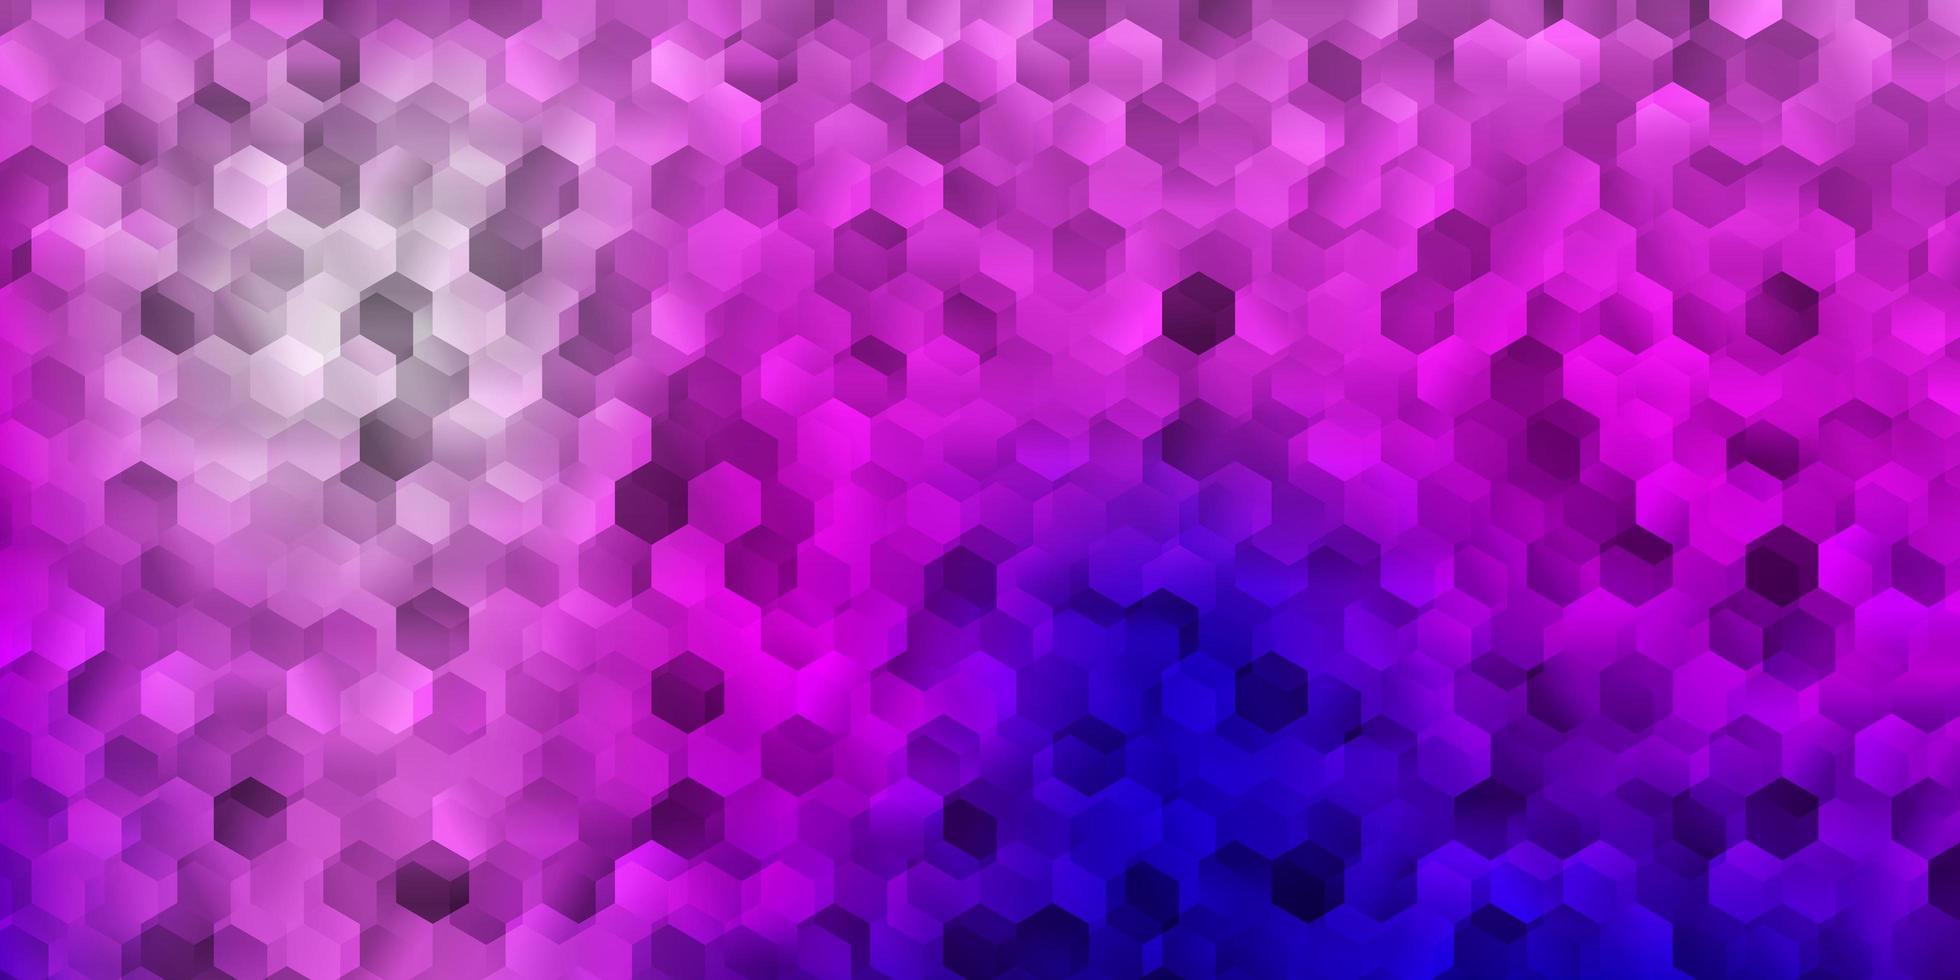 lila und rosa Textur mit Formen. vektor